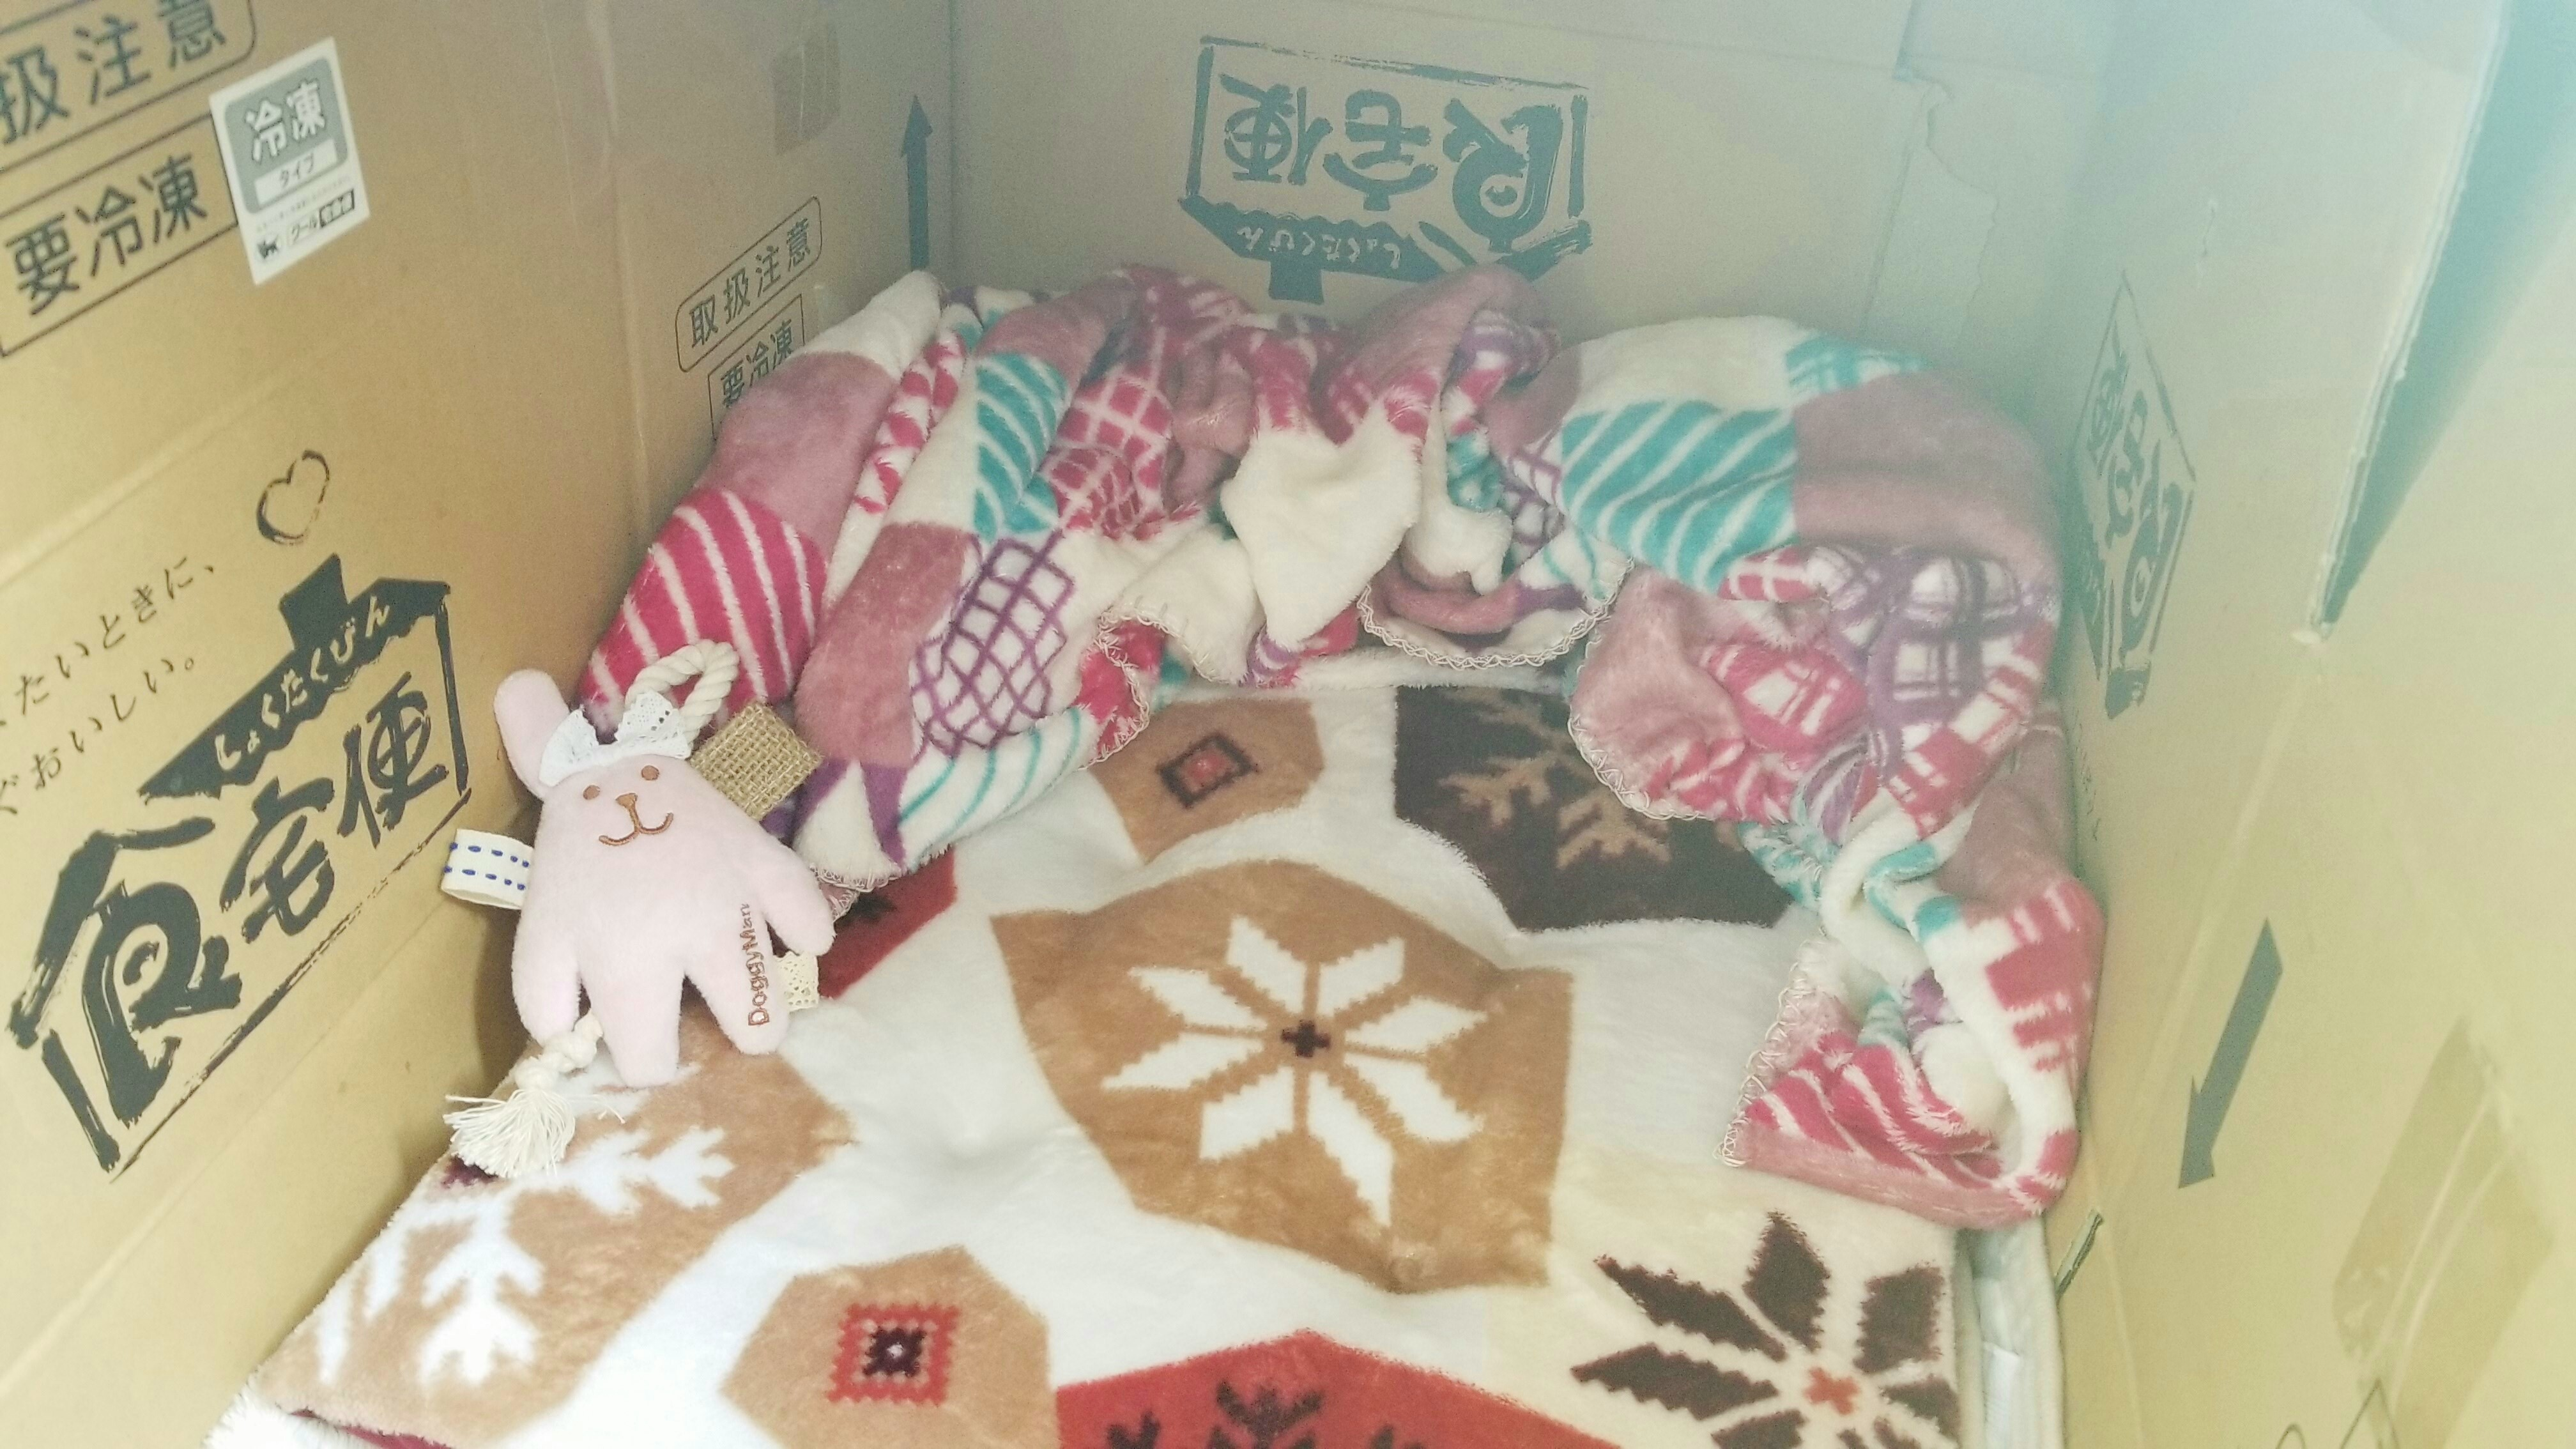 野良猫保護簡易小屋の模様替え家ハウス温かくお洒落にな可愛い画像